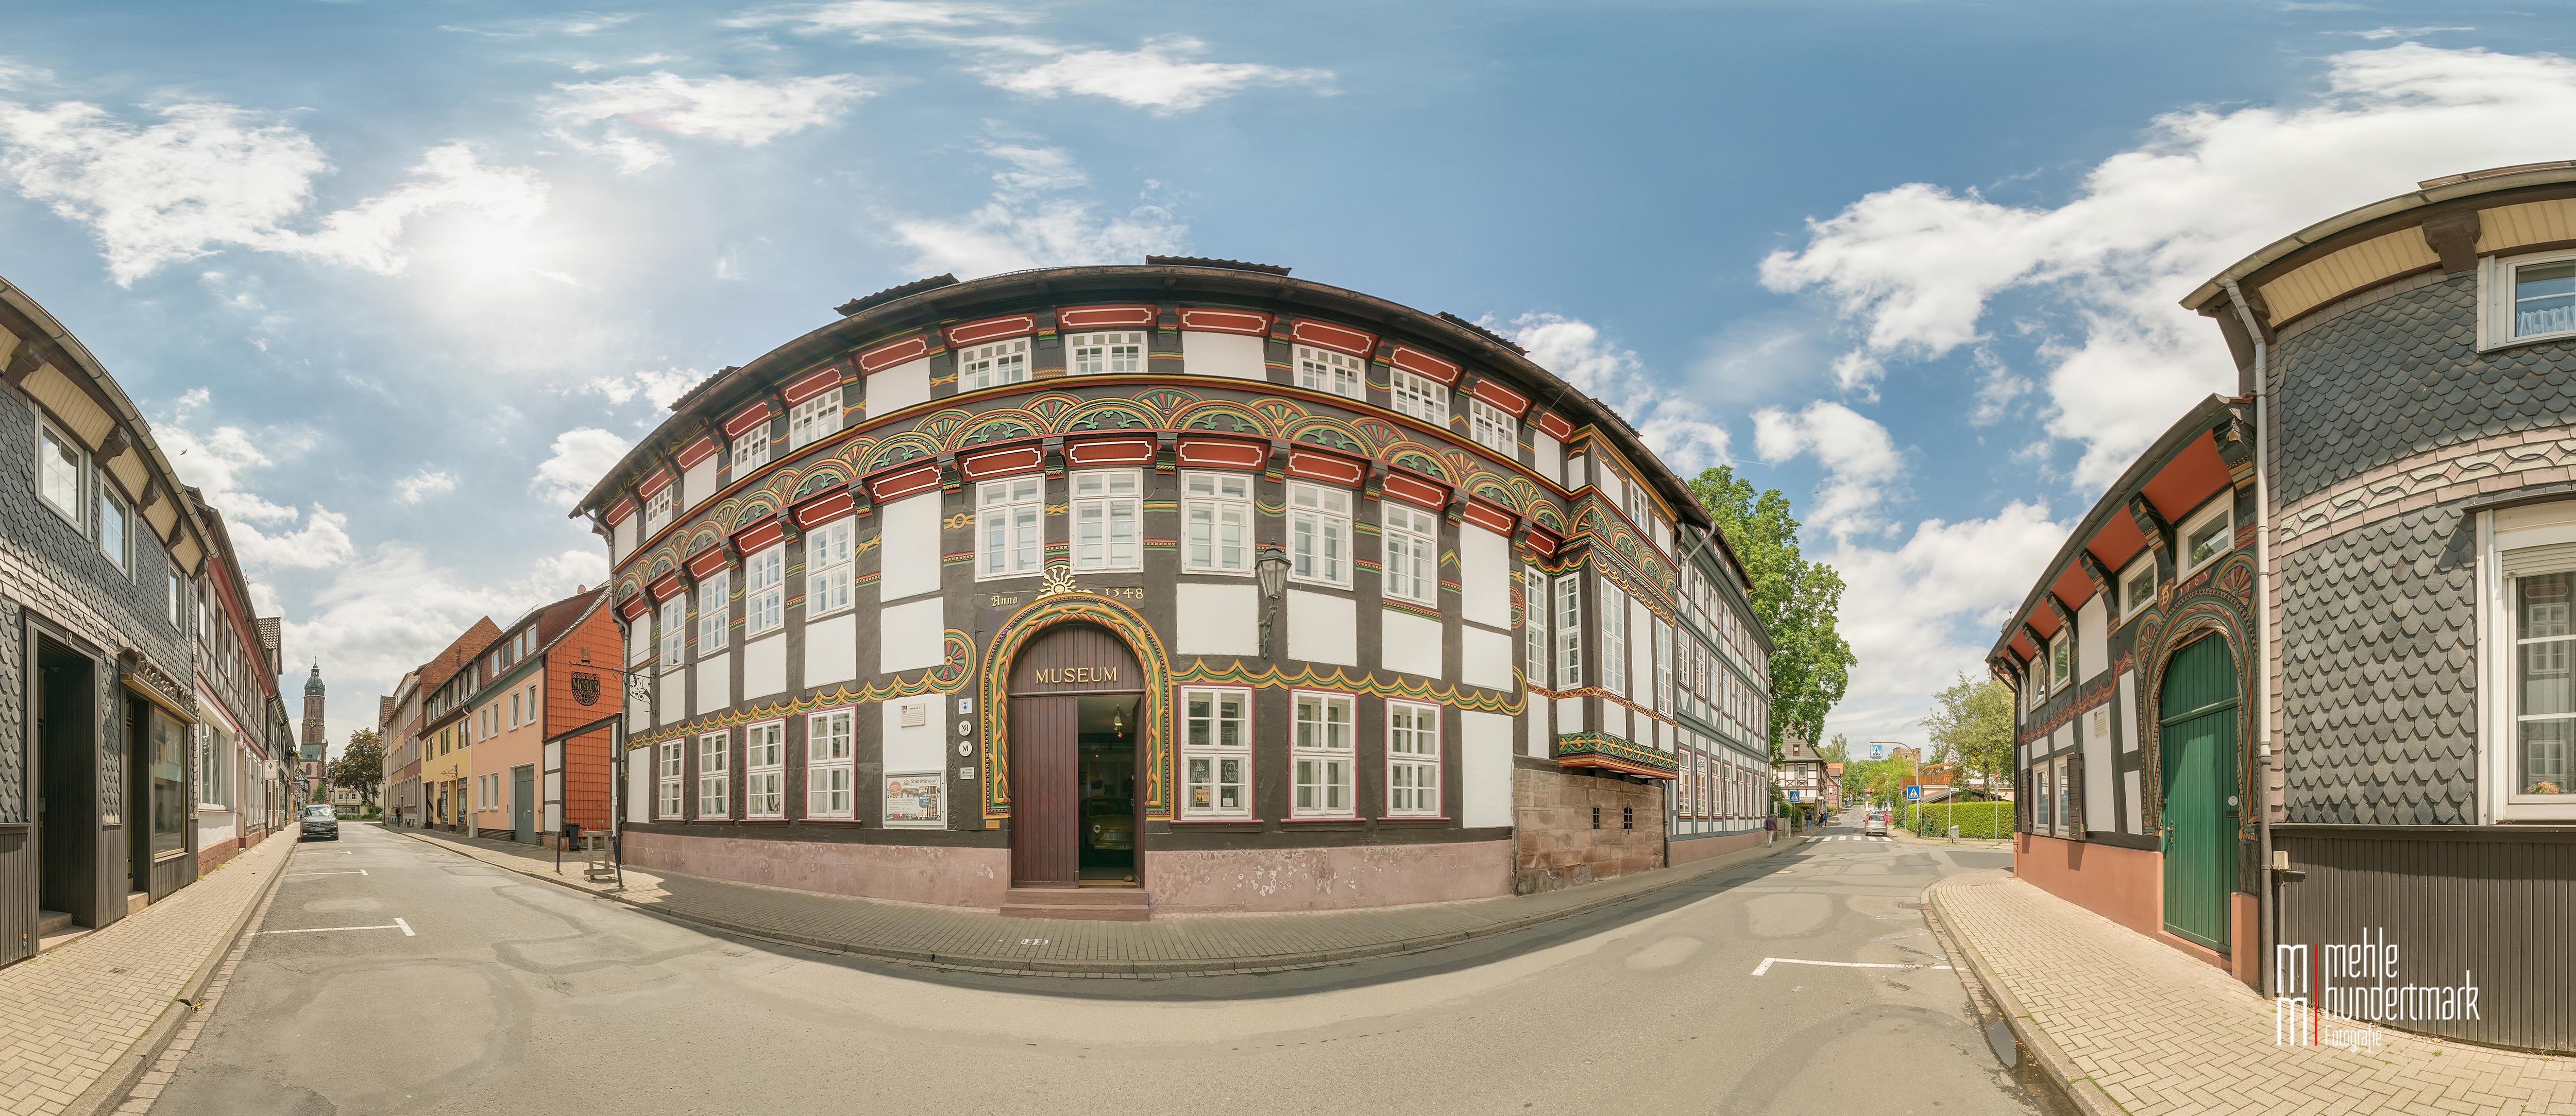 StadtMusuem Einbeck Aussenansicht